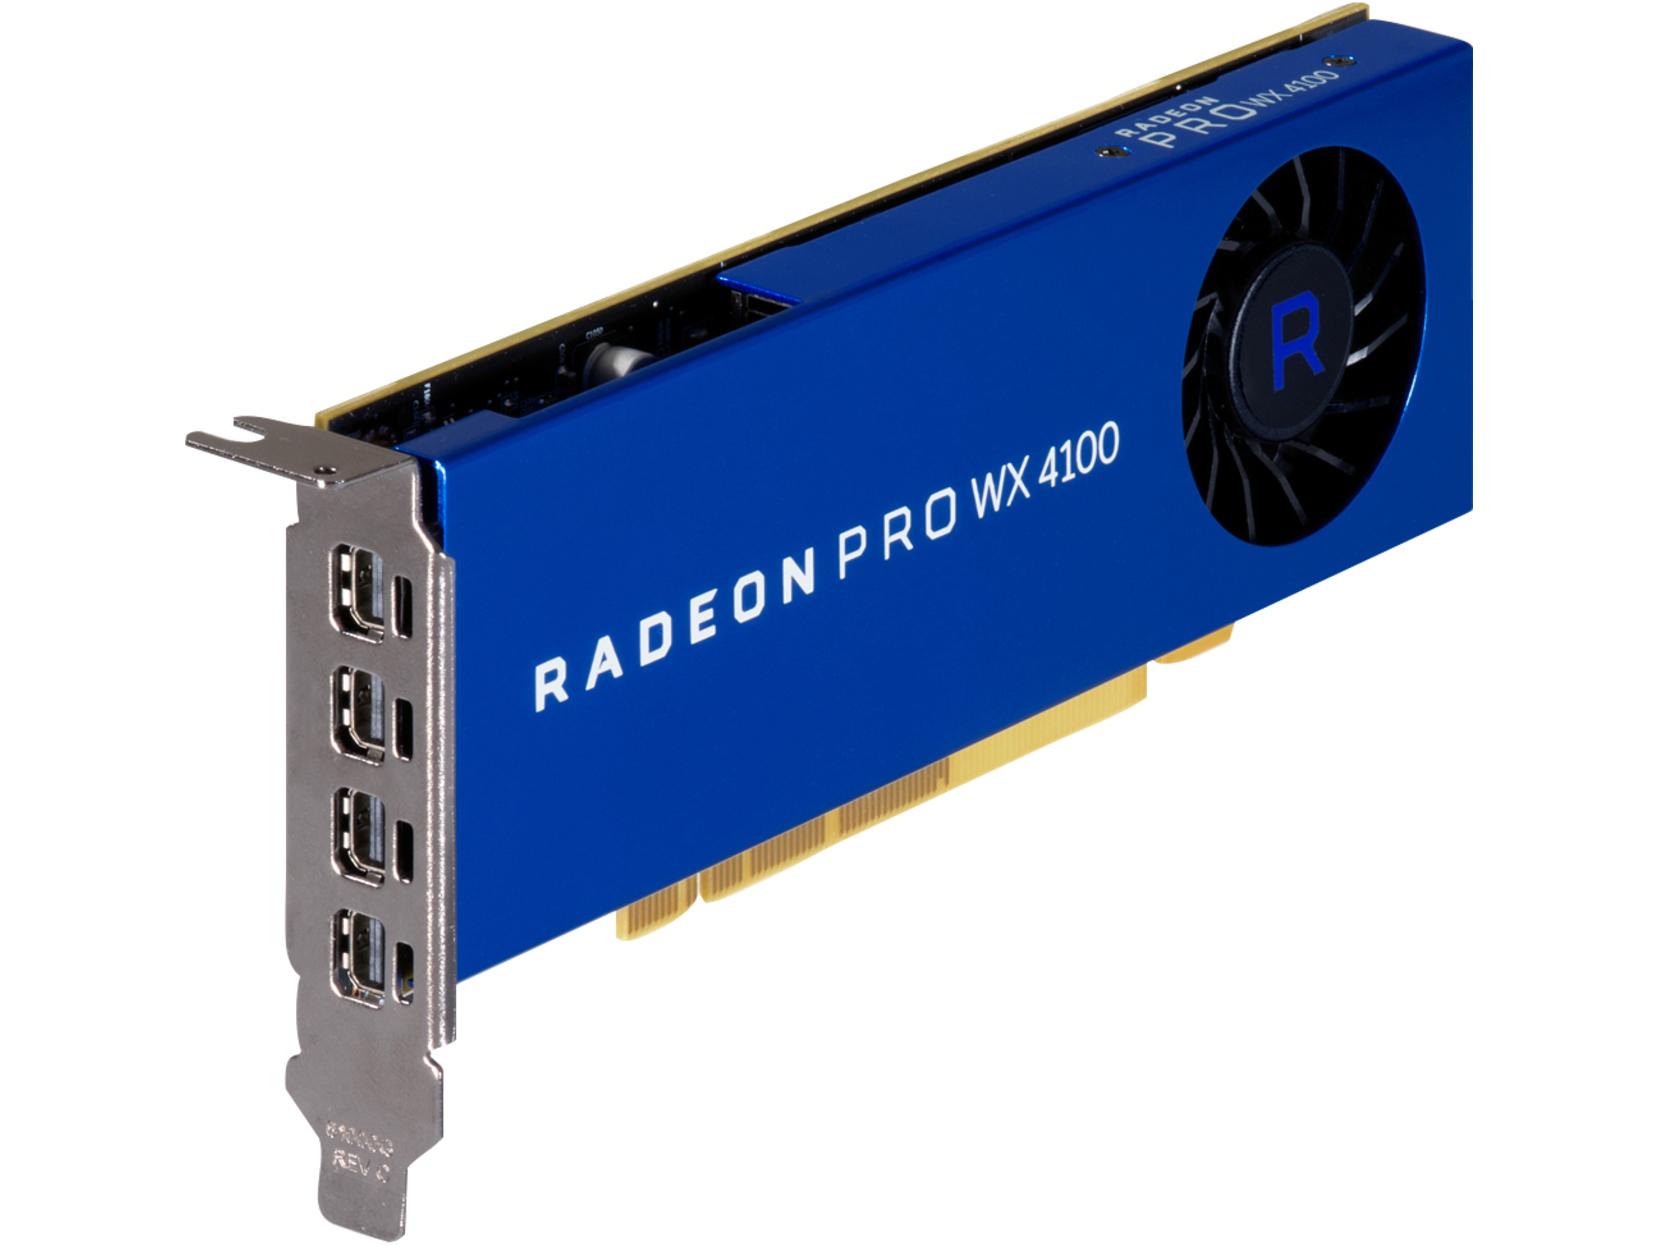 HP AMD Radeon Pro WX 4100 4GB FirePro W4100 GDDR5, 5 in